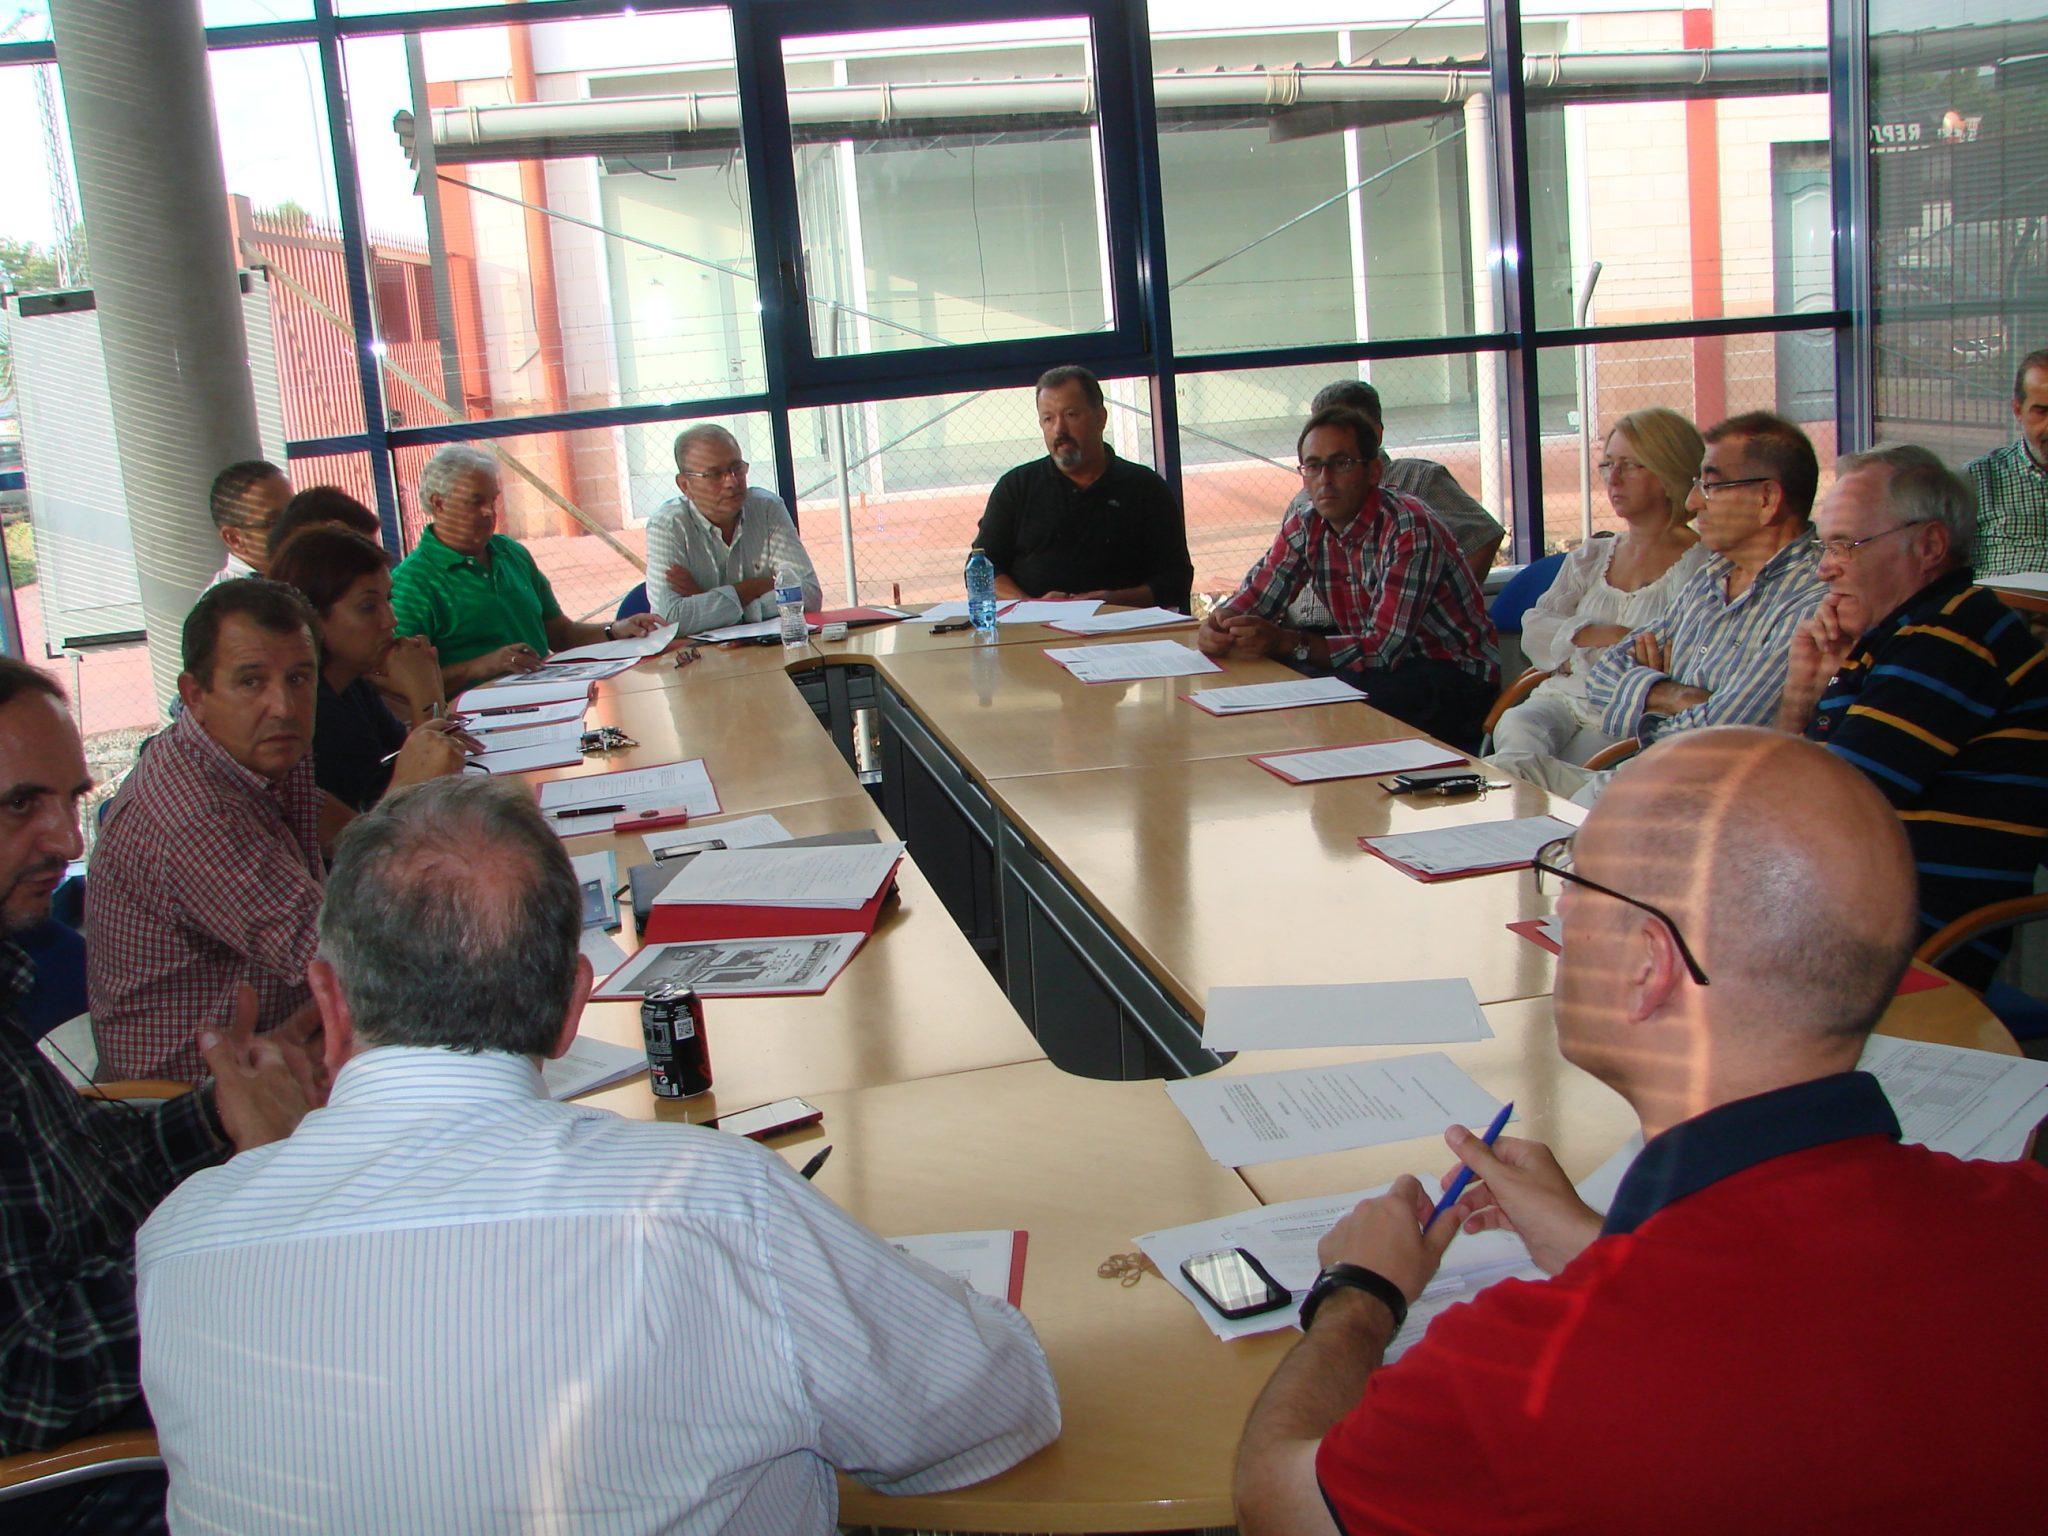 La Asociación de autoescuelas analiza la problemática del sector y crea una mesa de trabajo